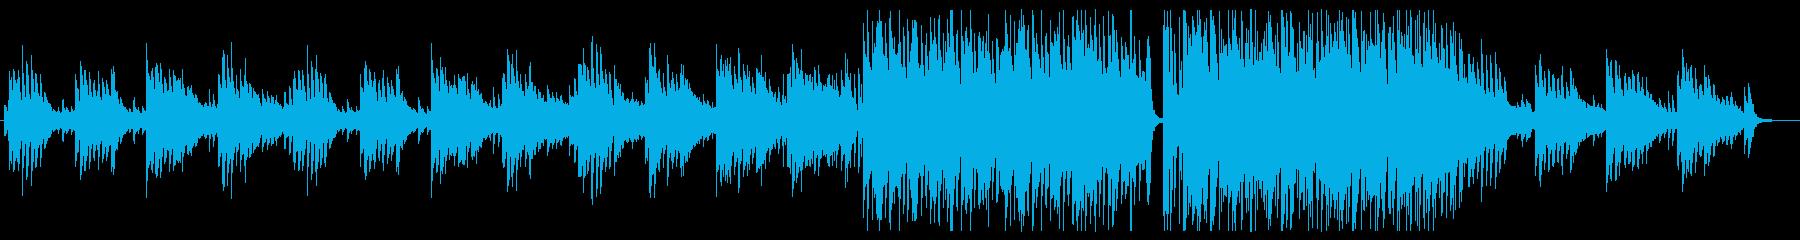 ピアノのメロディーが切ない曲の再生済みの波形